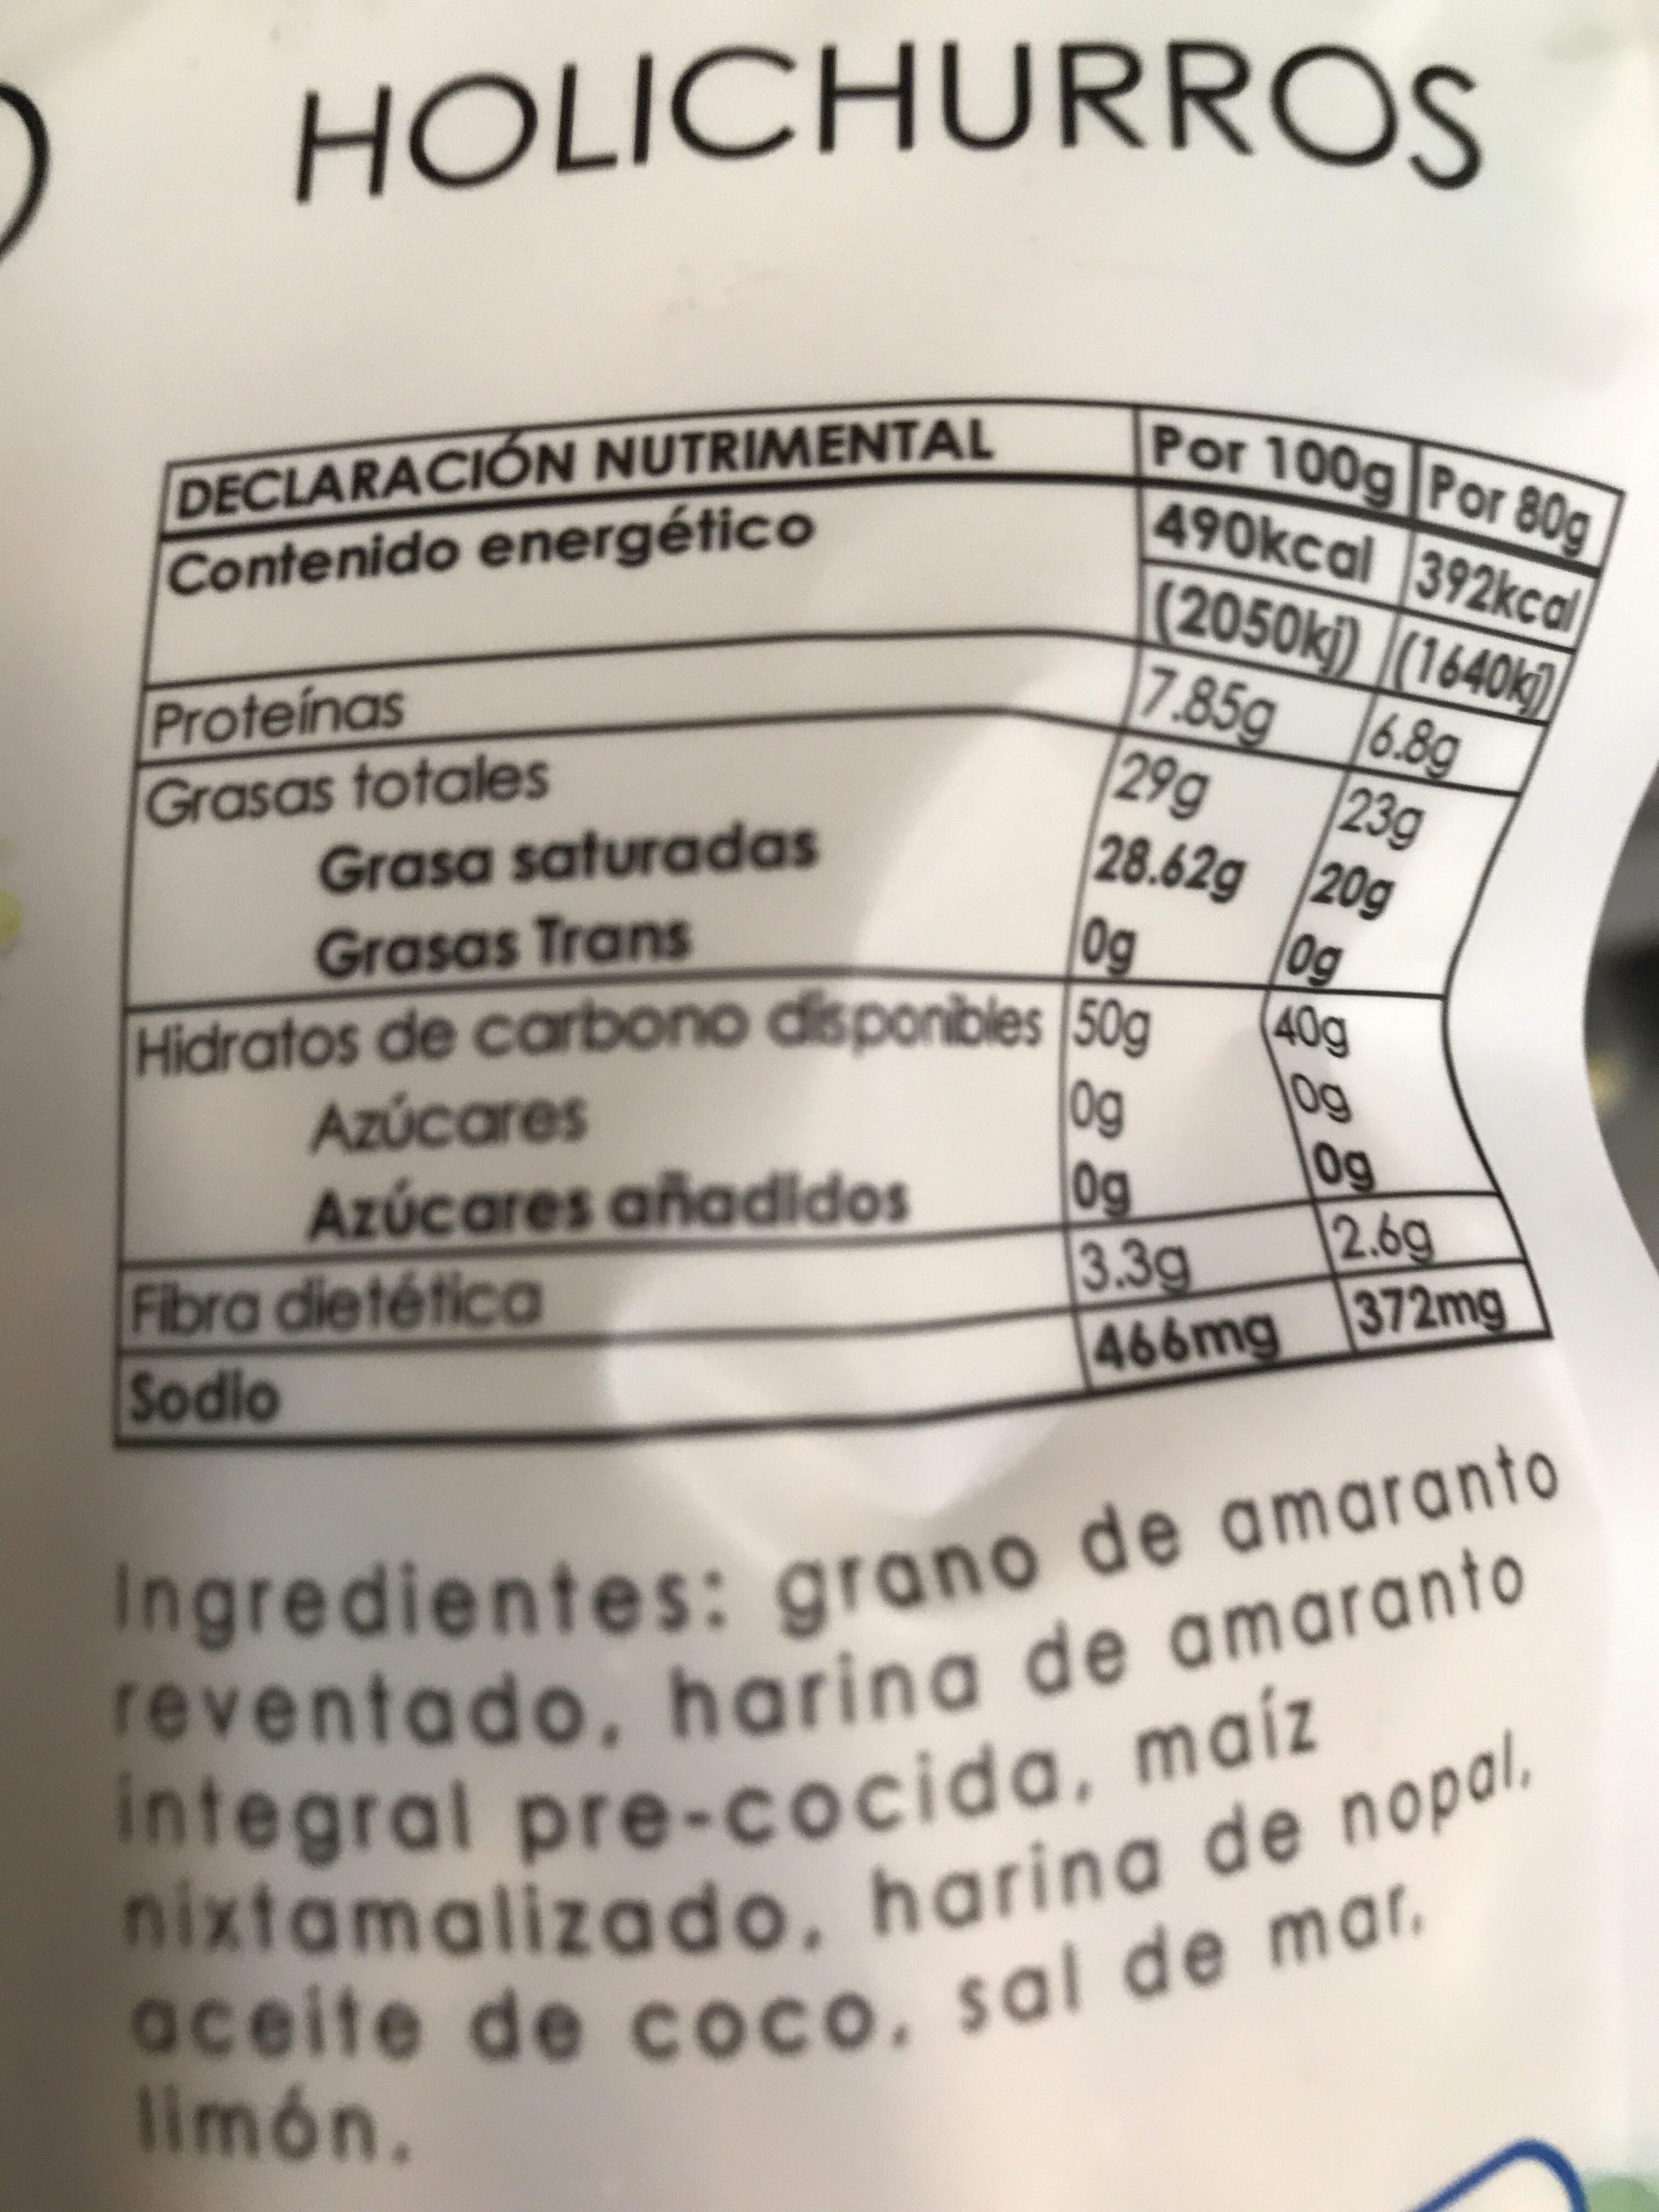 Holichurros sal - Información nutricional - en